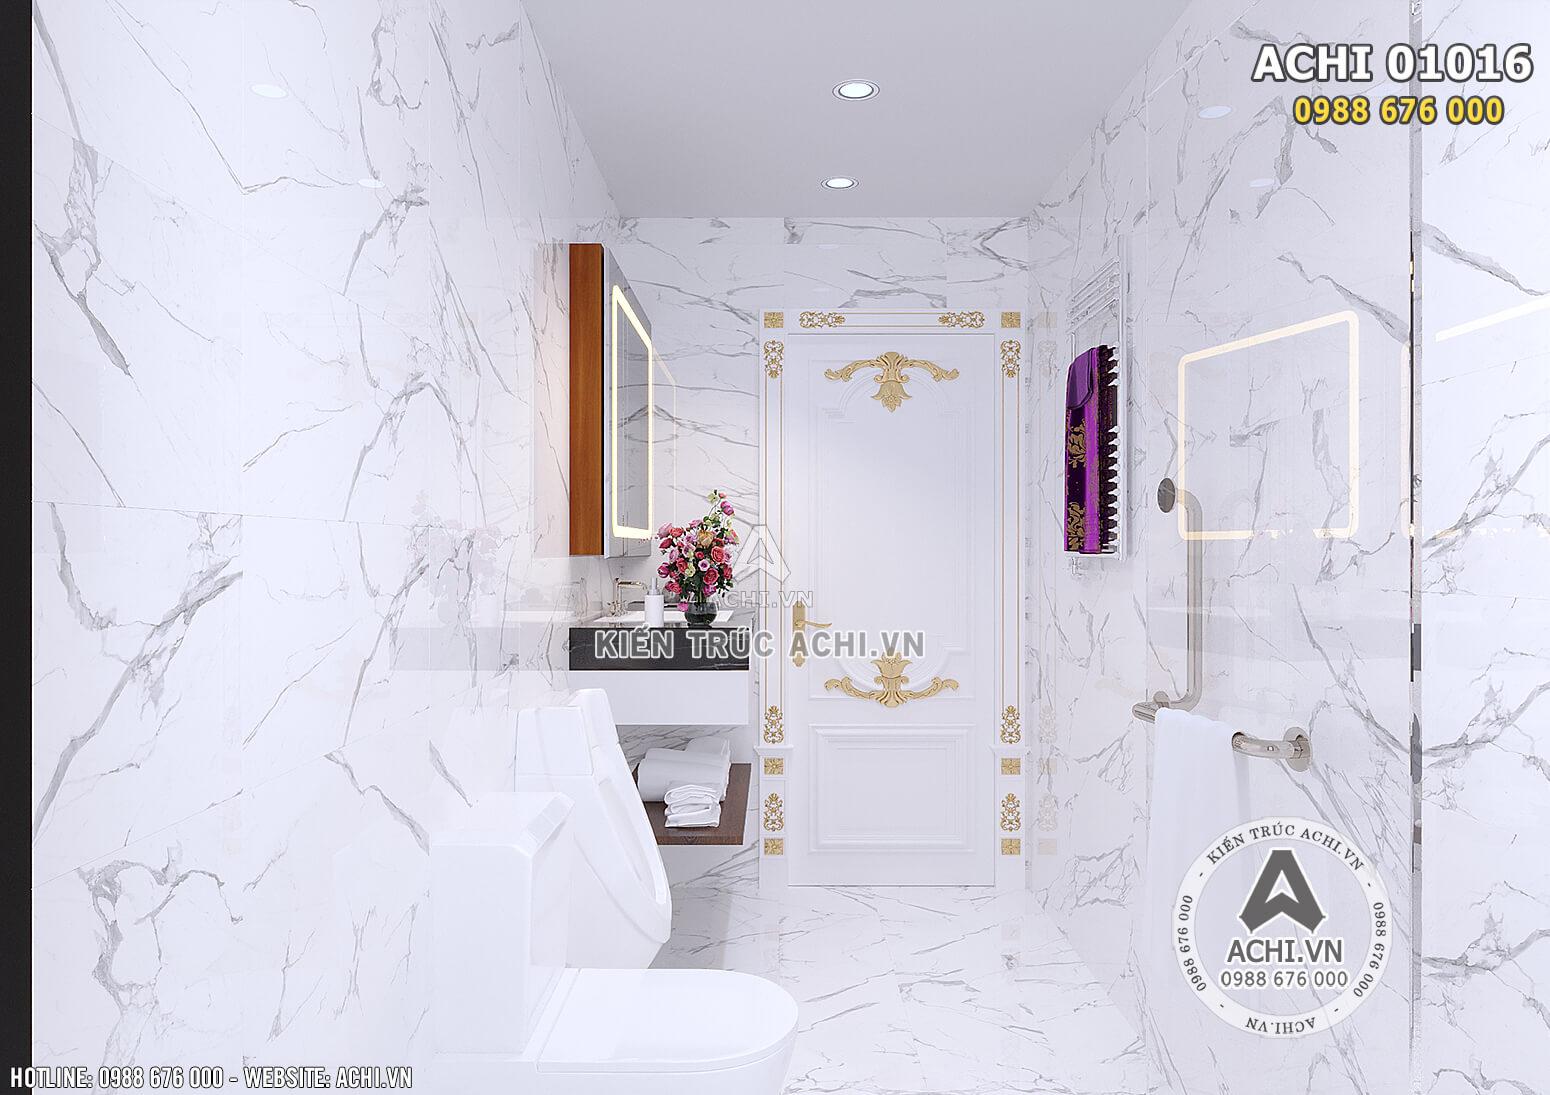 Hình ảnh: Thiết kế nội thất tân cổ điển cho không gian phòng vệ sinh - ACHI 01016